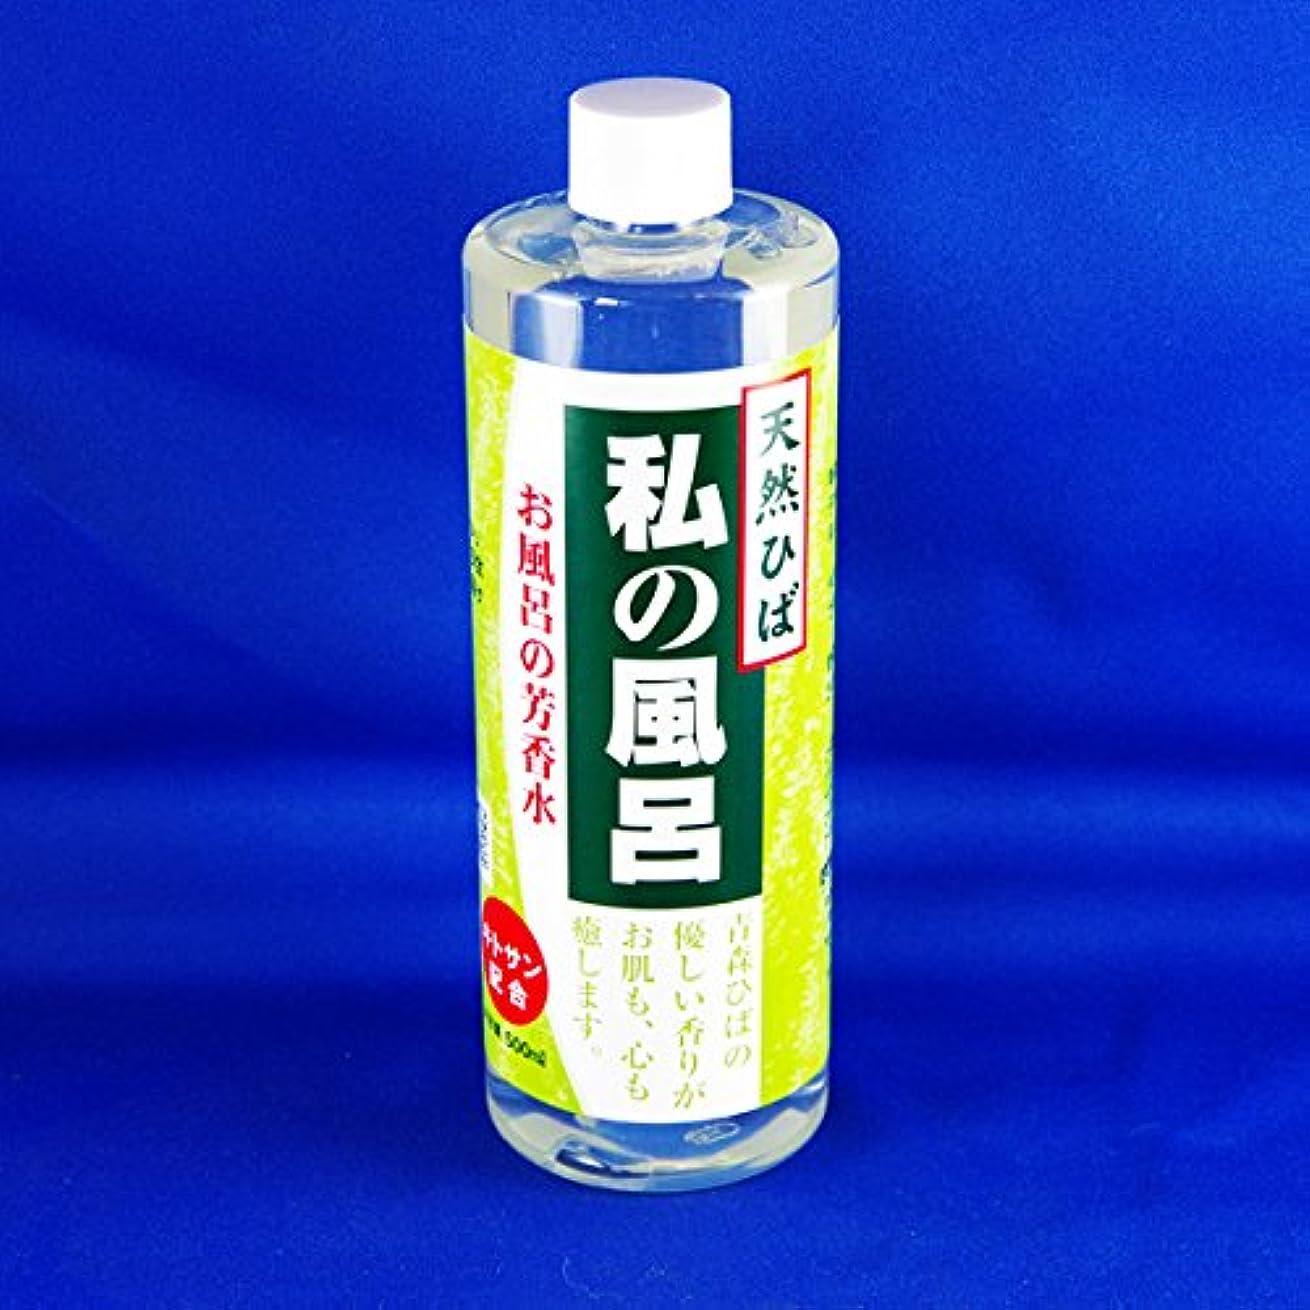 けん引原因愛人【入浴剤】青森ひば 私の風呂 500ml(高分子キトサン配合)